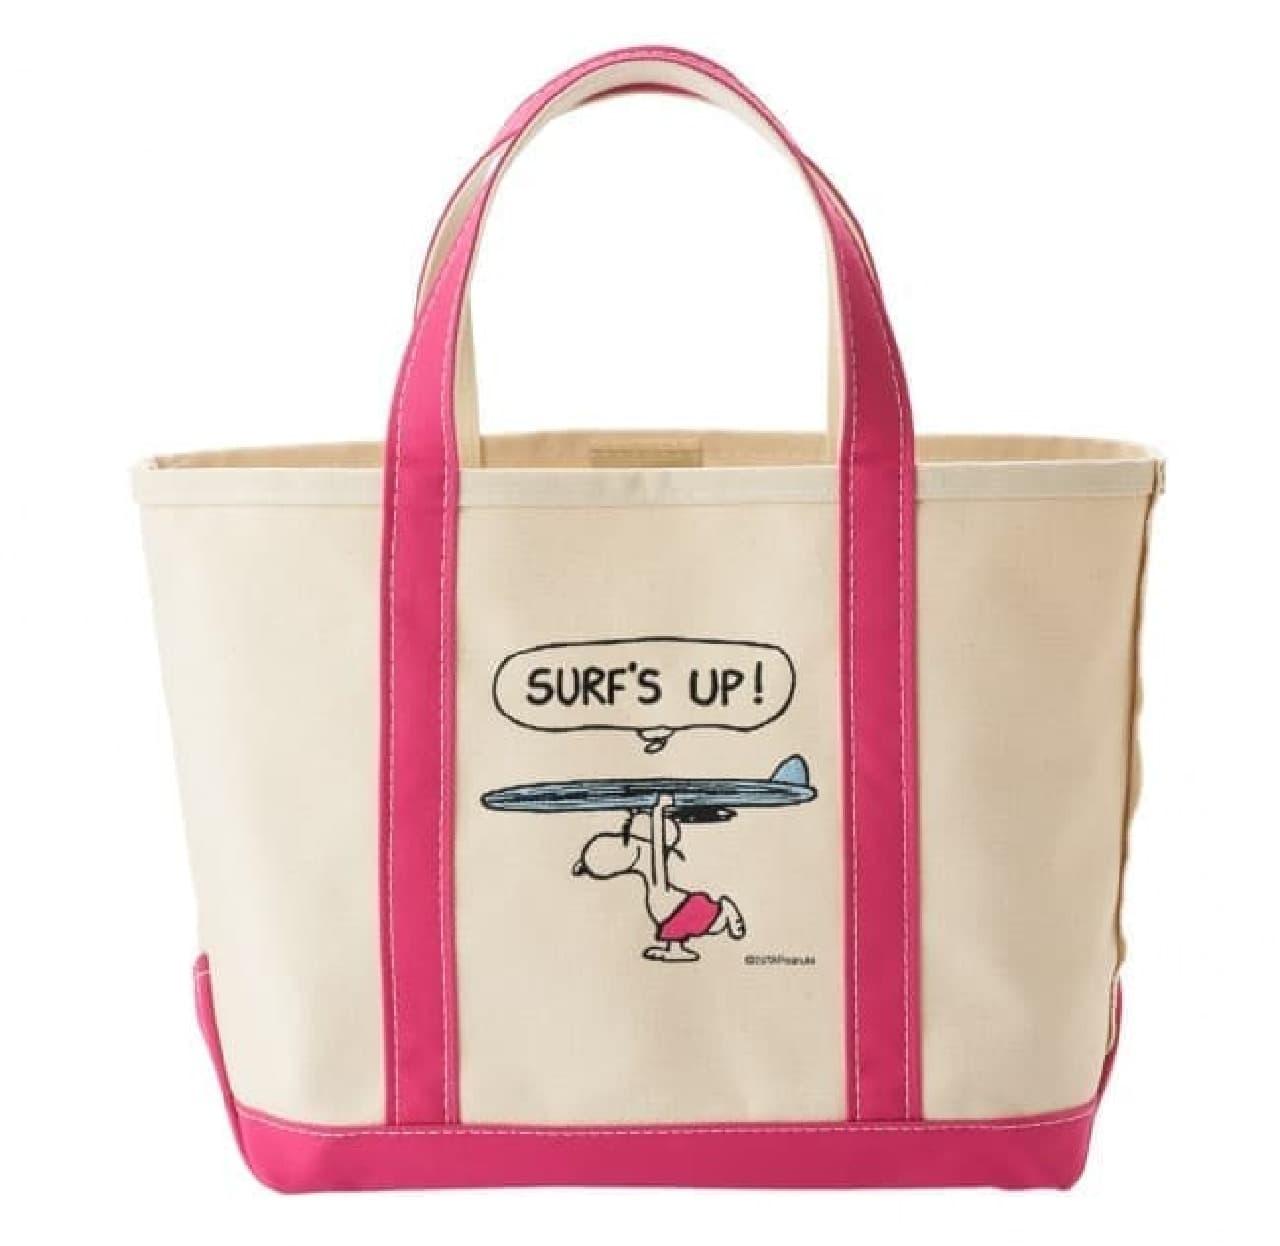 スヌーピーとコラボした「L.L.Bean」のトートバッグがPLAZAに